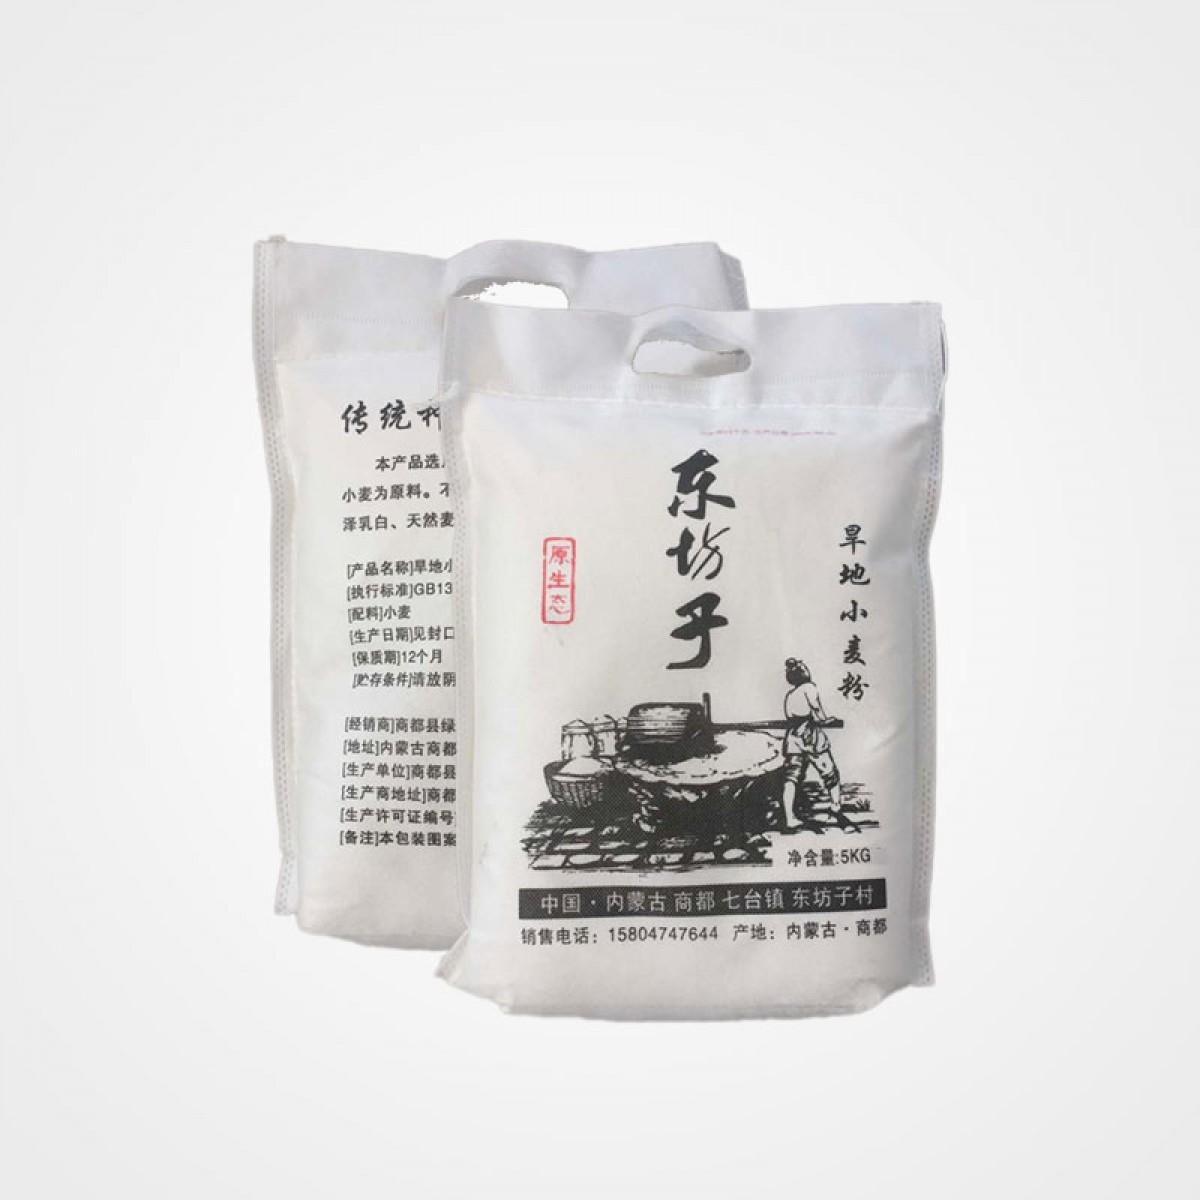 内蒙古丰年小麦粉白面5KG